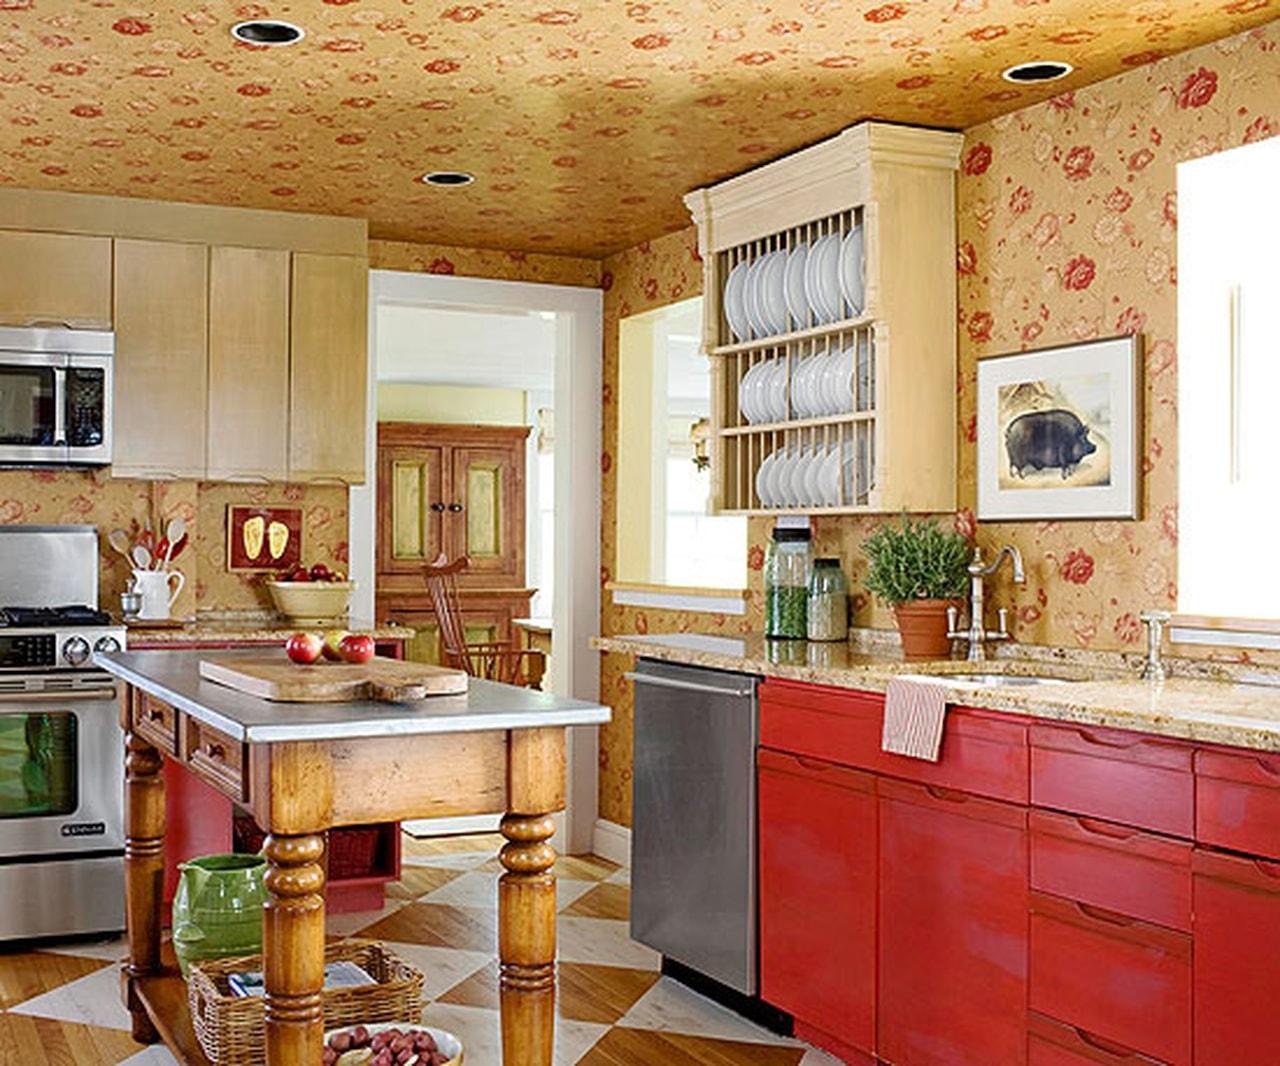 بالصور ديكور المطبخ , افكار مطرقعة لديكور المطبخ 3560 5